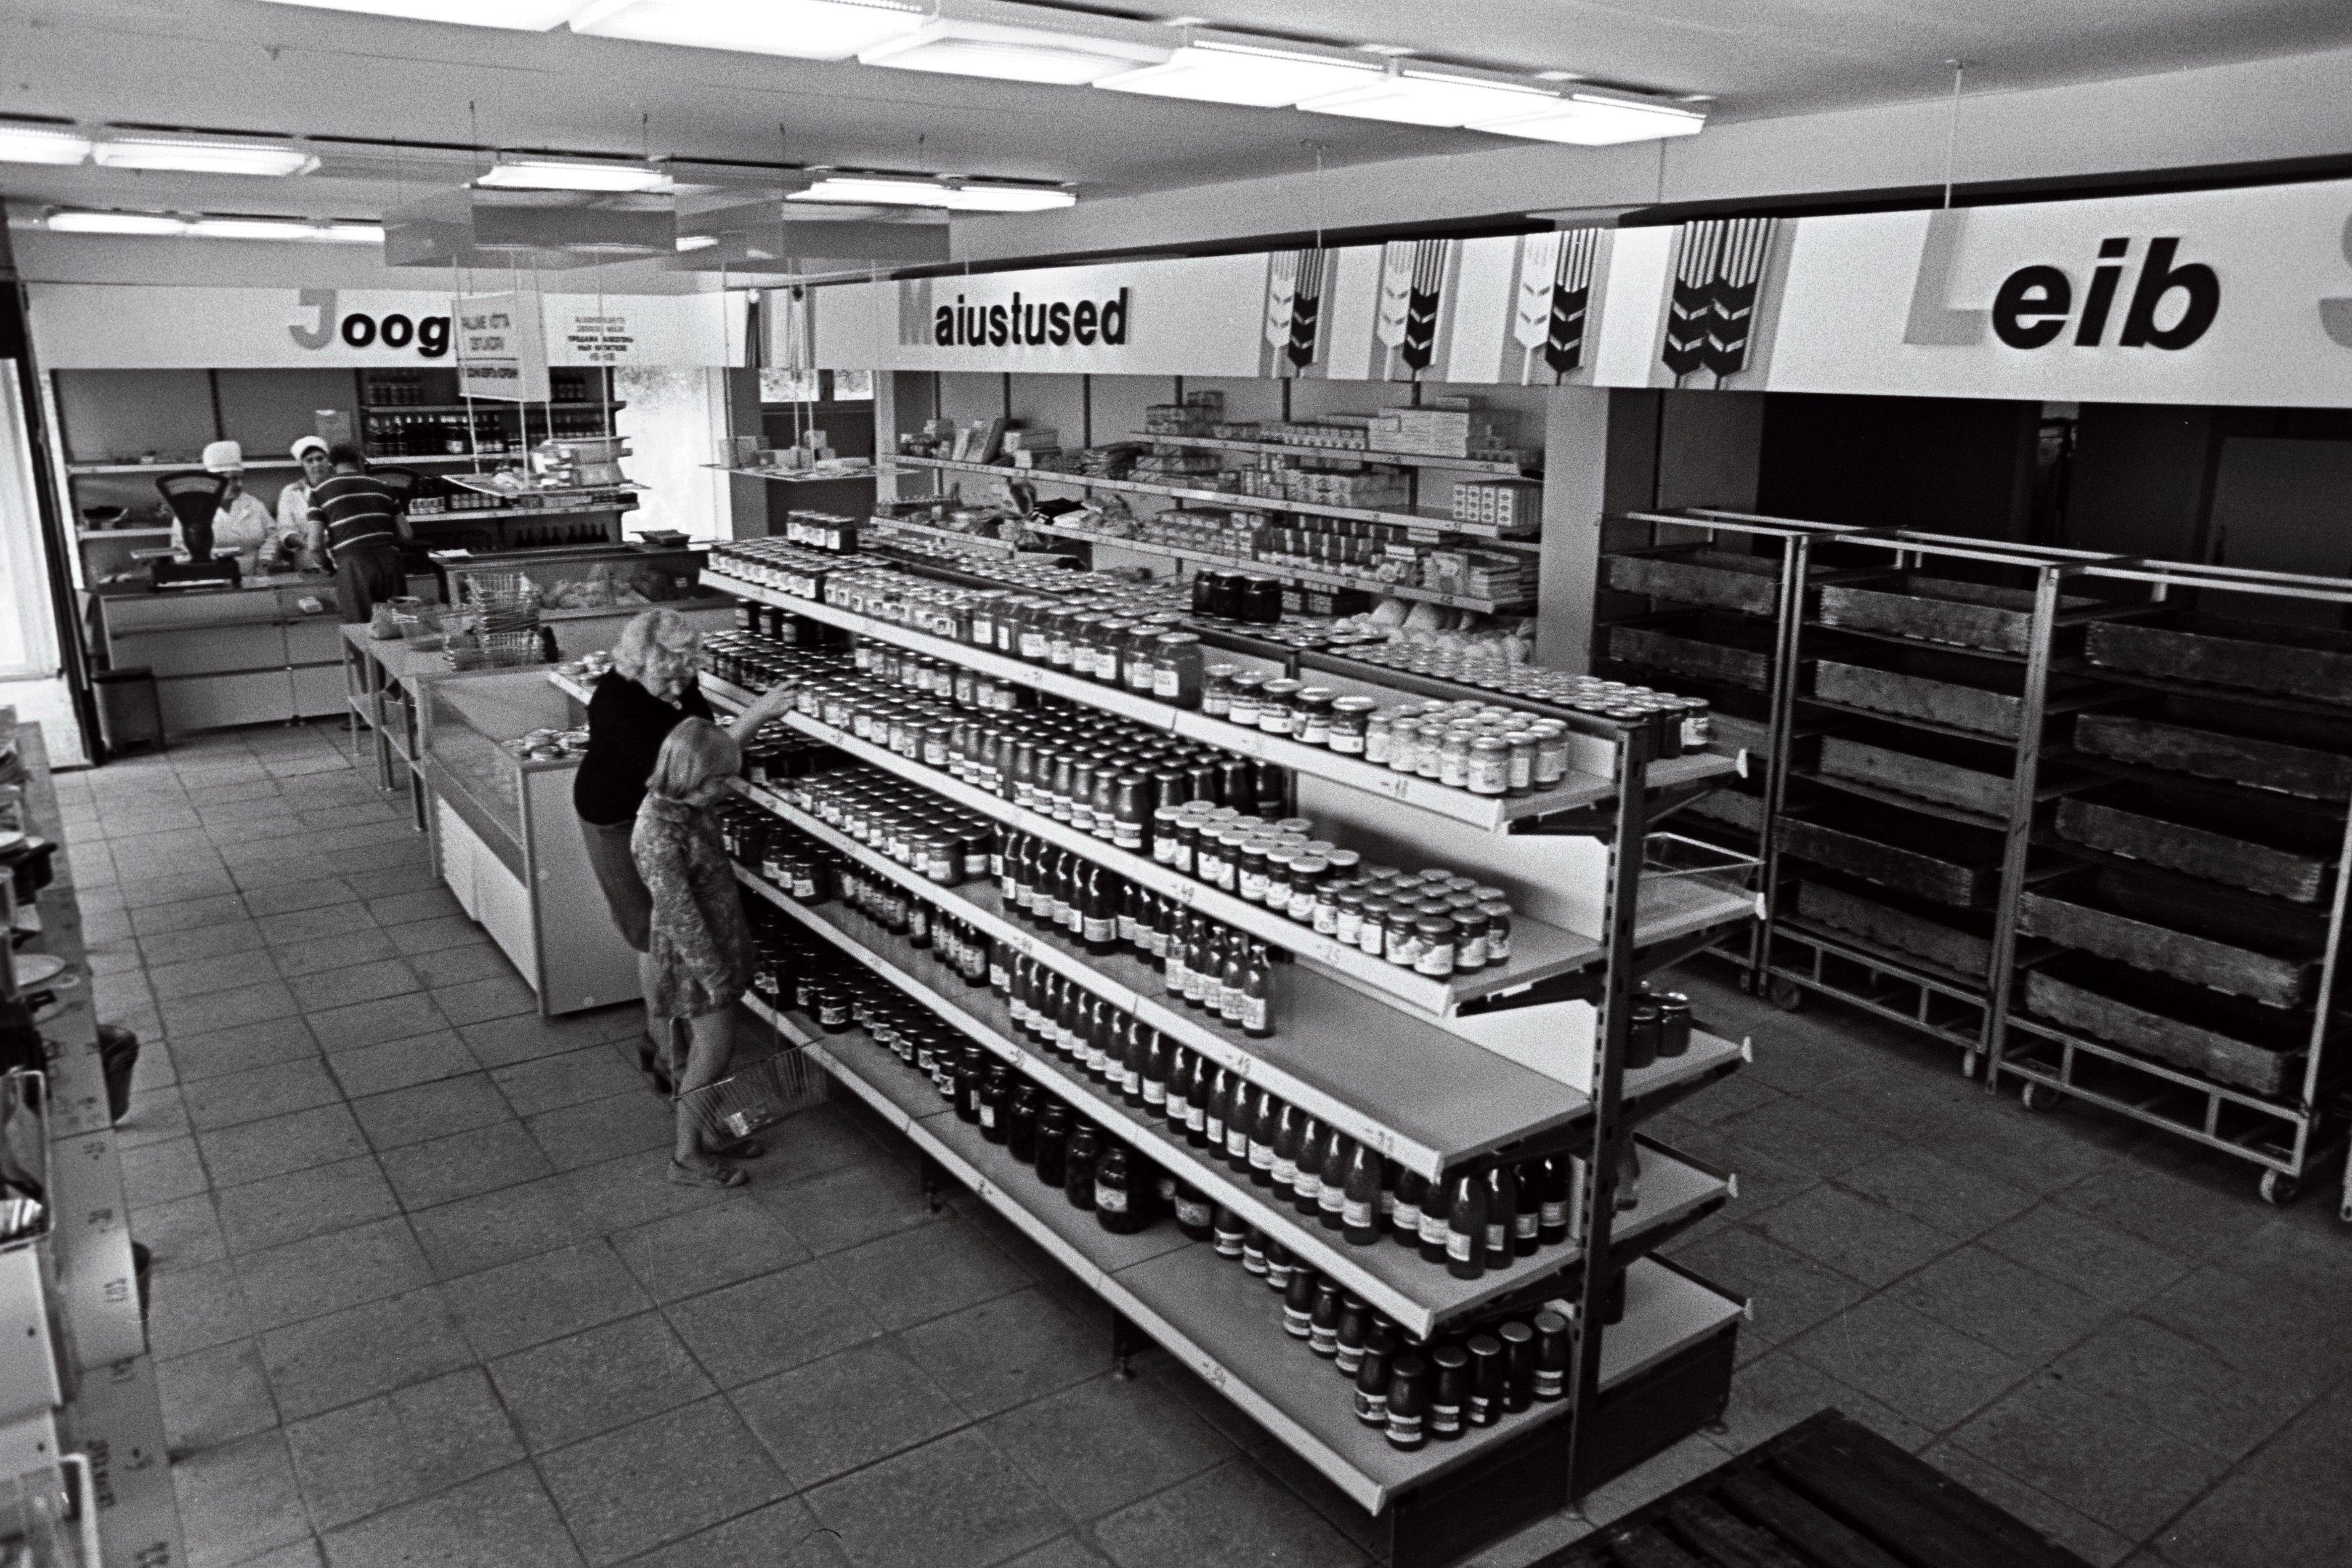 Tõlliste kauplus Valga rajoonis,1977. EFA.204.0-107774